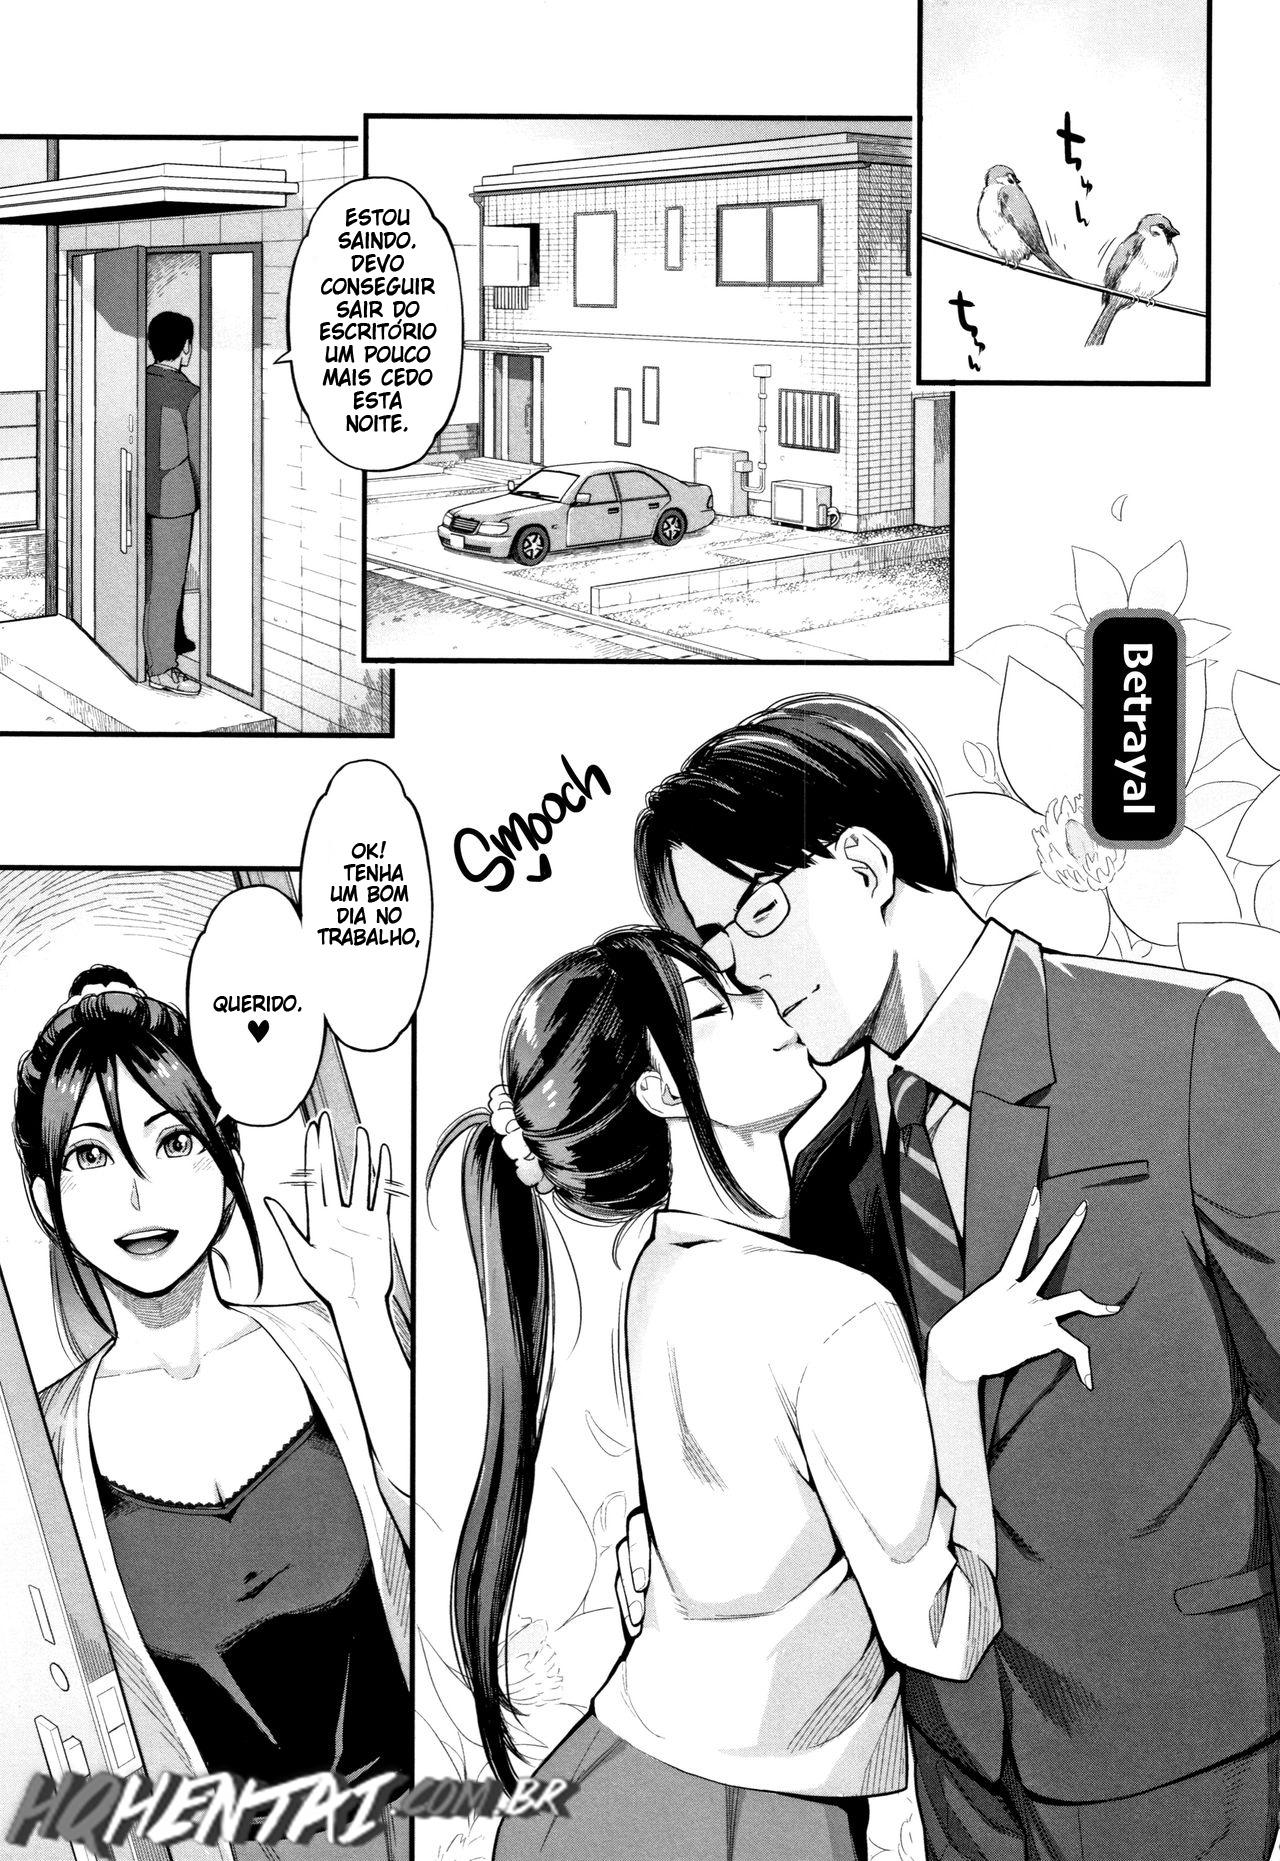 Uragiri | Betrayal (Toketa Risei wa Biyaku no Kaori)